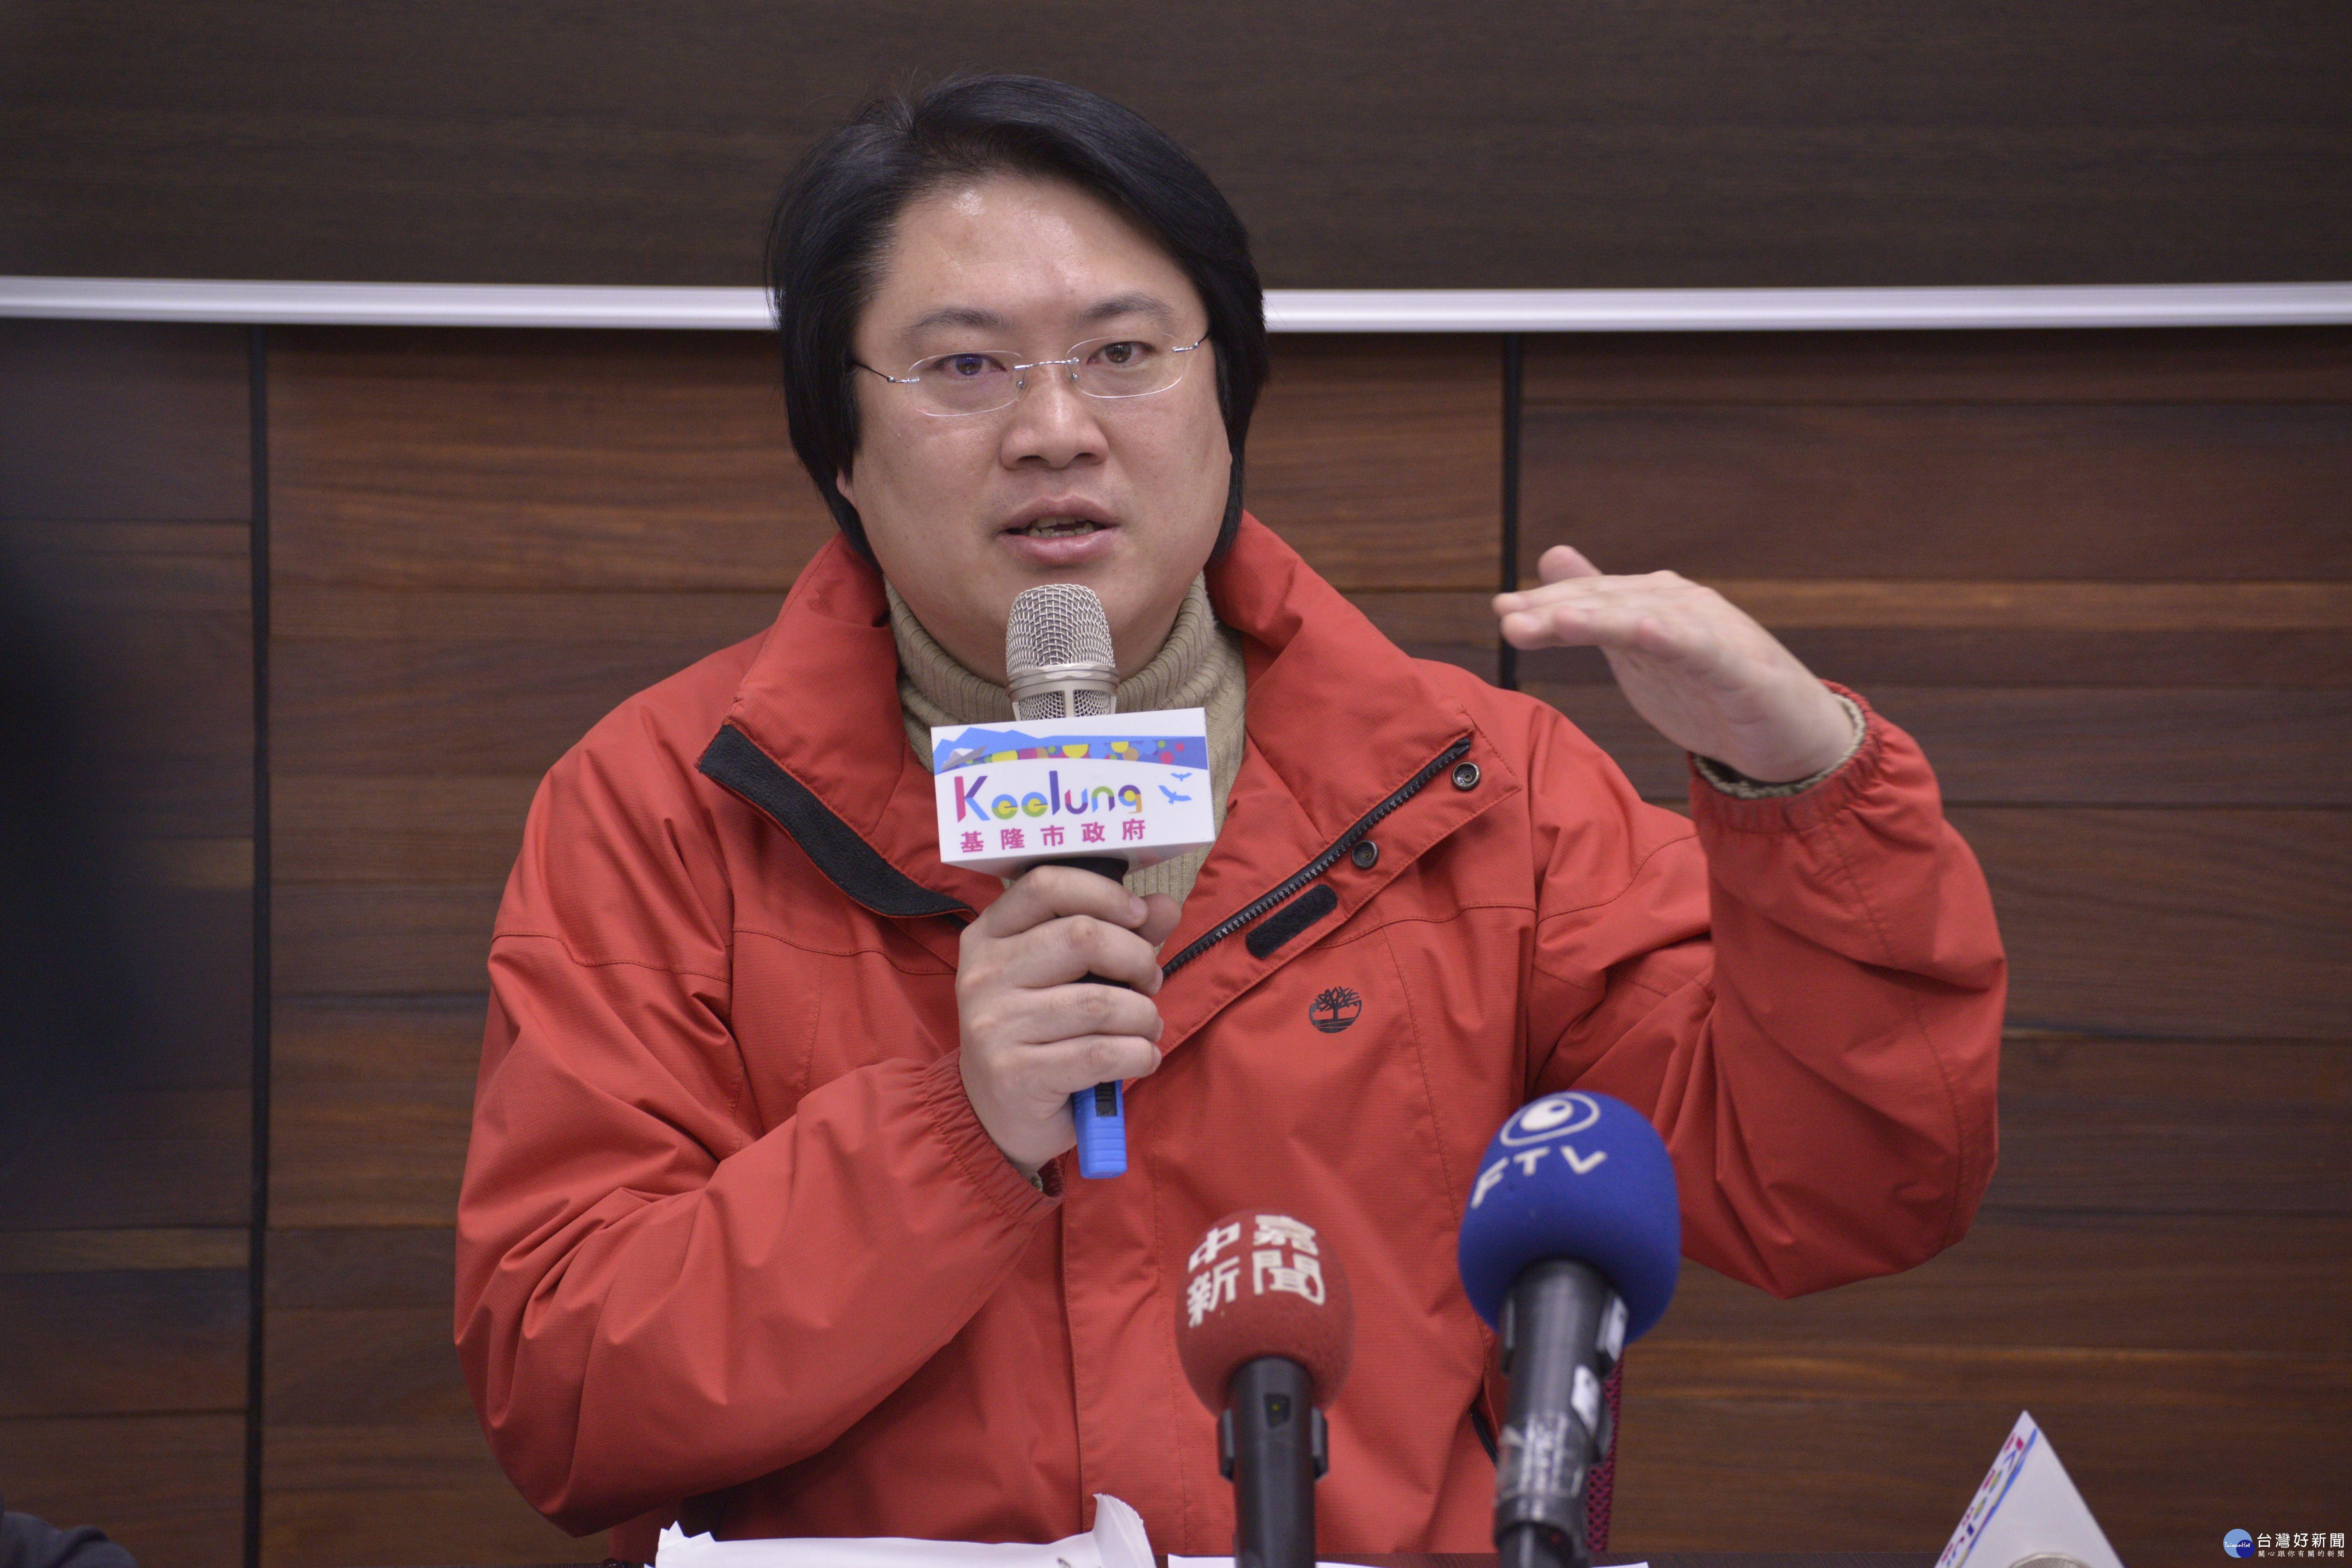 安養中心大火殷鑑不遠 基隆市長要求嚴加查核